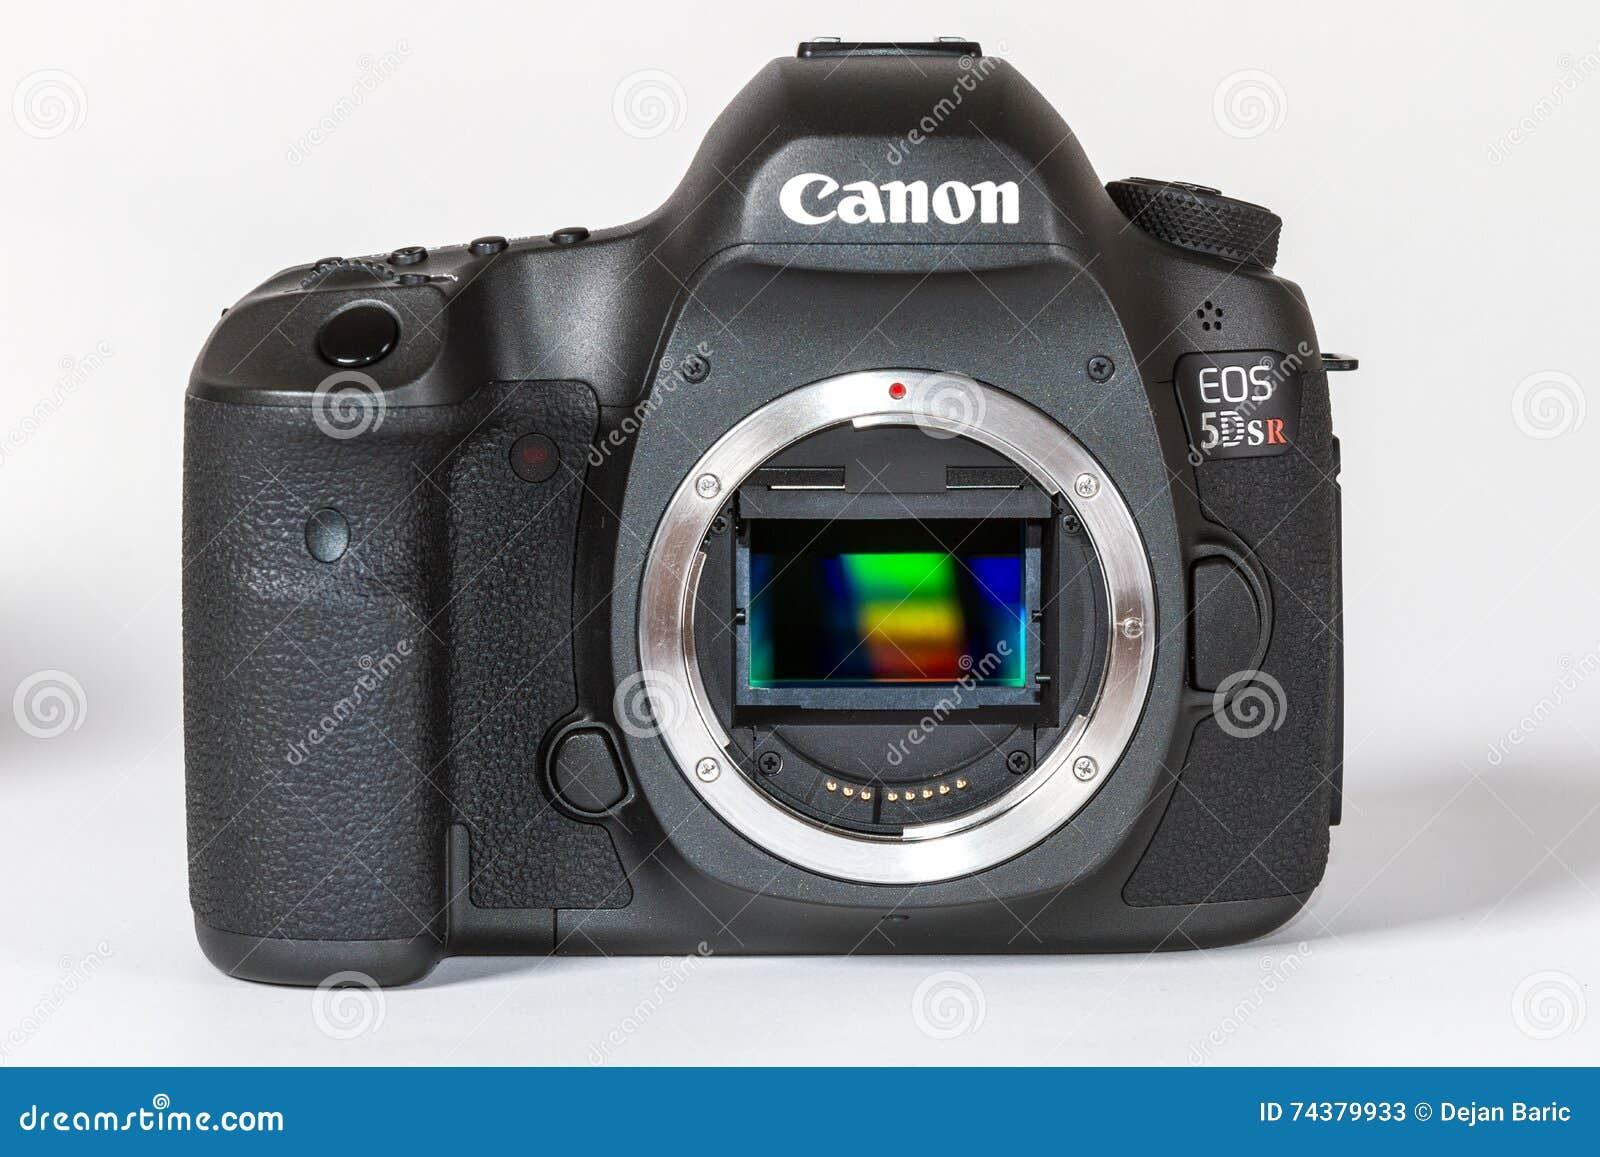 CANON EOS 5DSR and 5Ds DSLR 50 megapixels